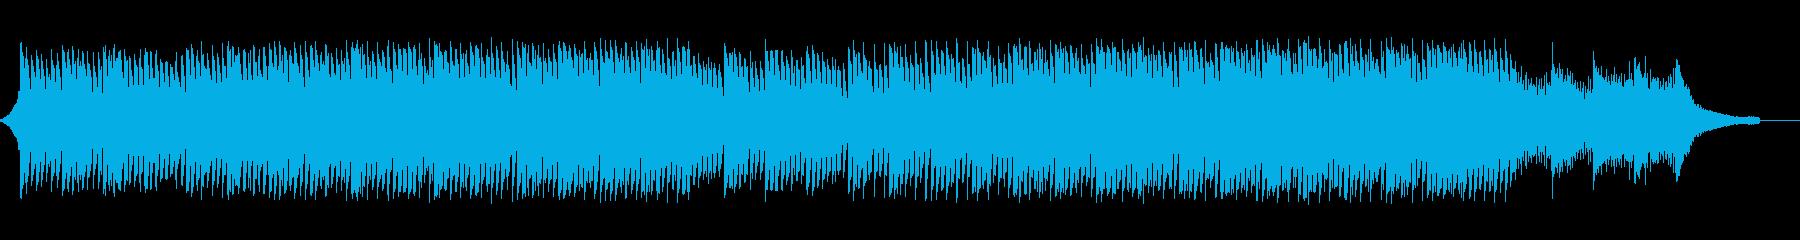 企業VP会社紹介透明感爽やか疾走感A16の再生済みの波形